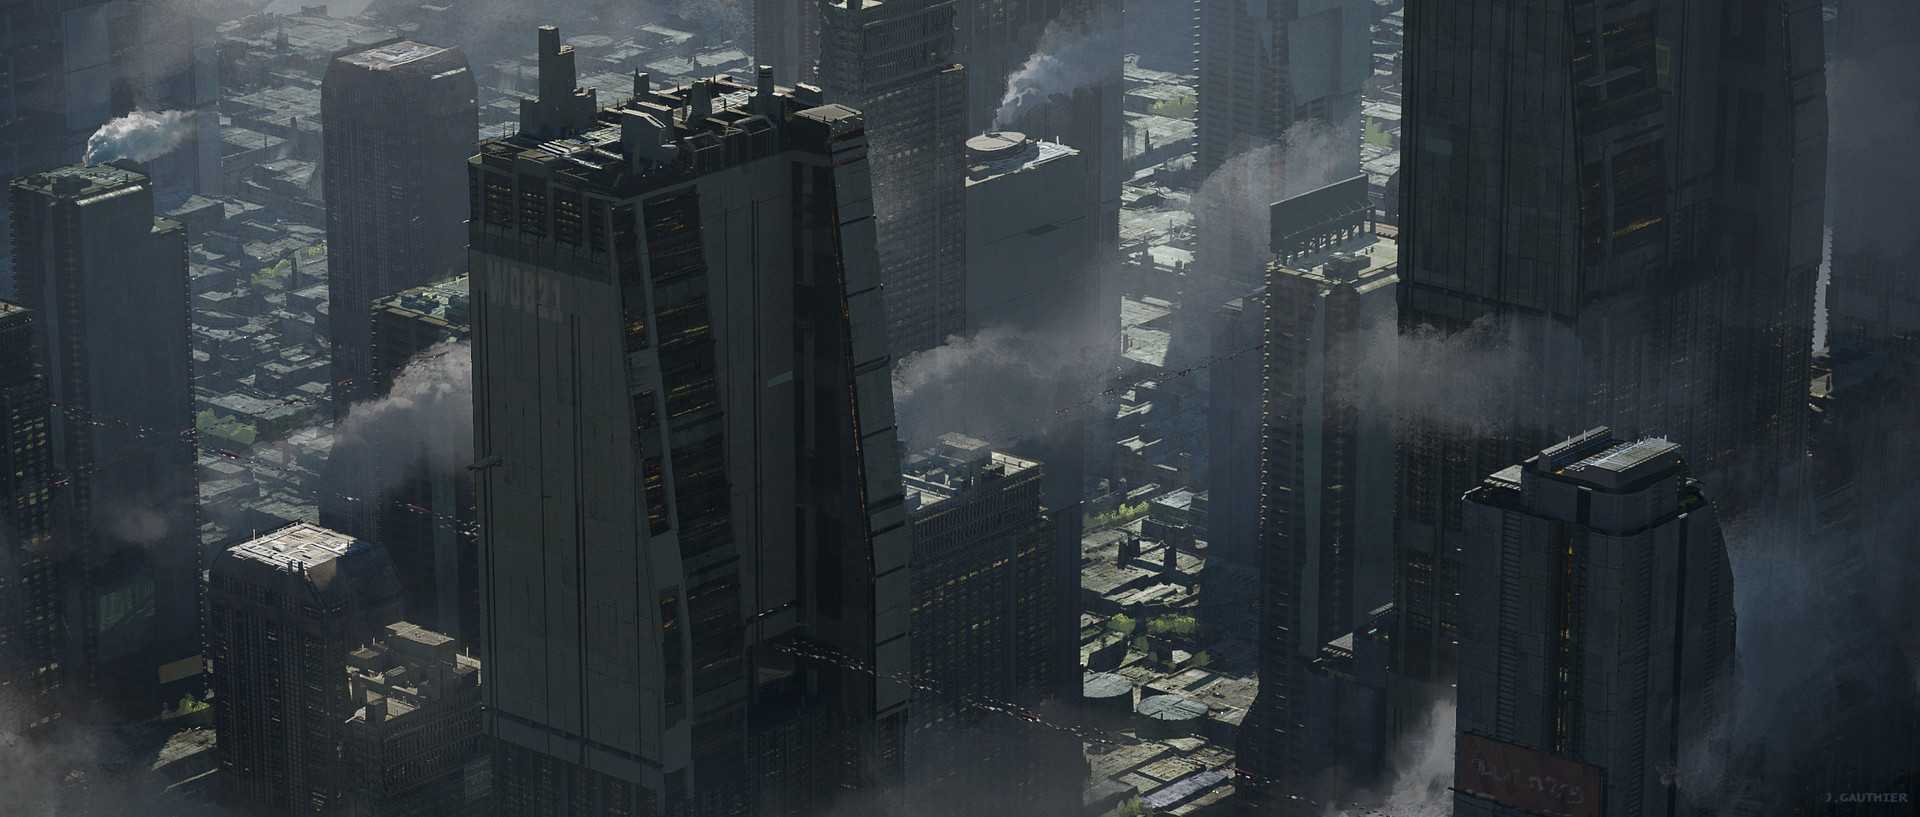 Julien gauthier scifi city 01